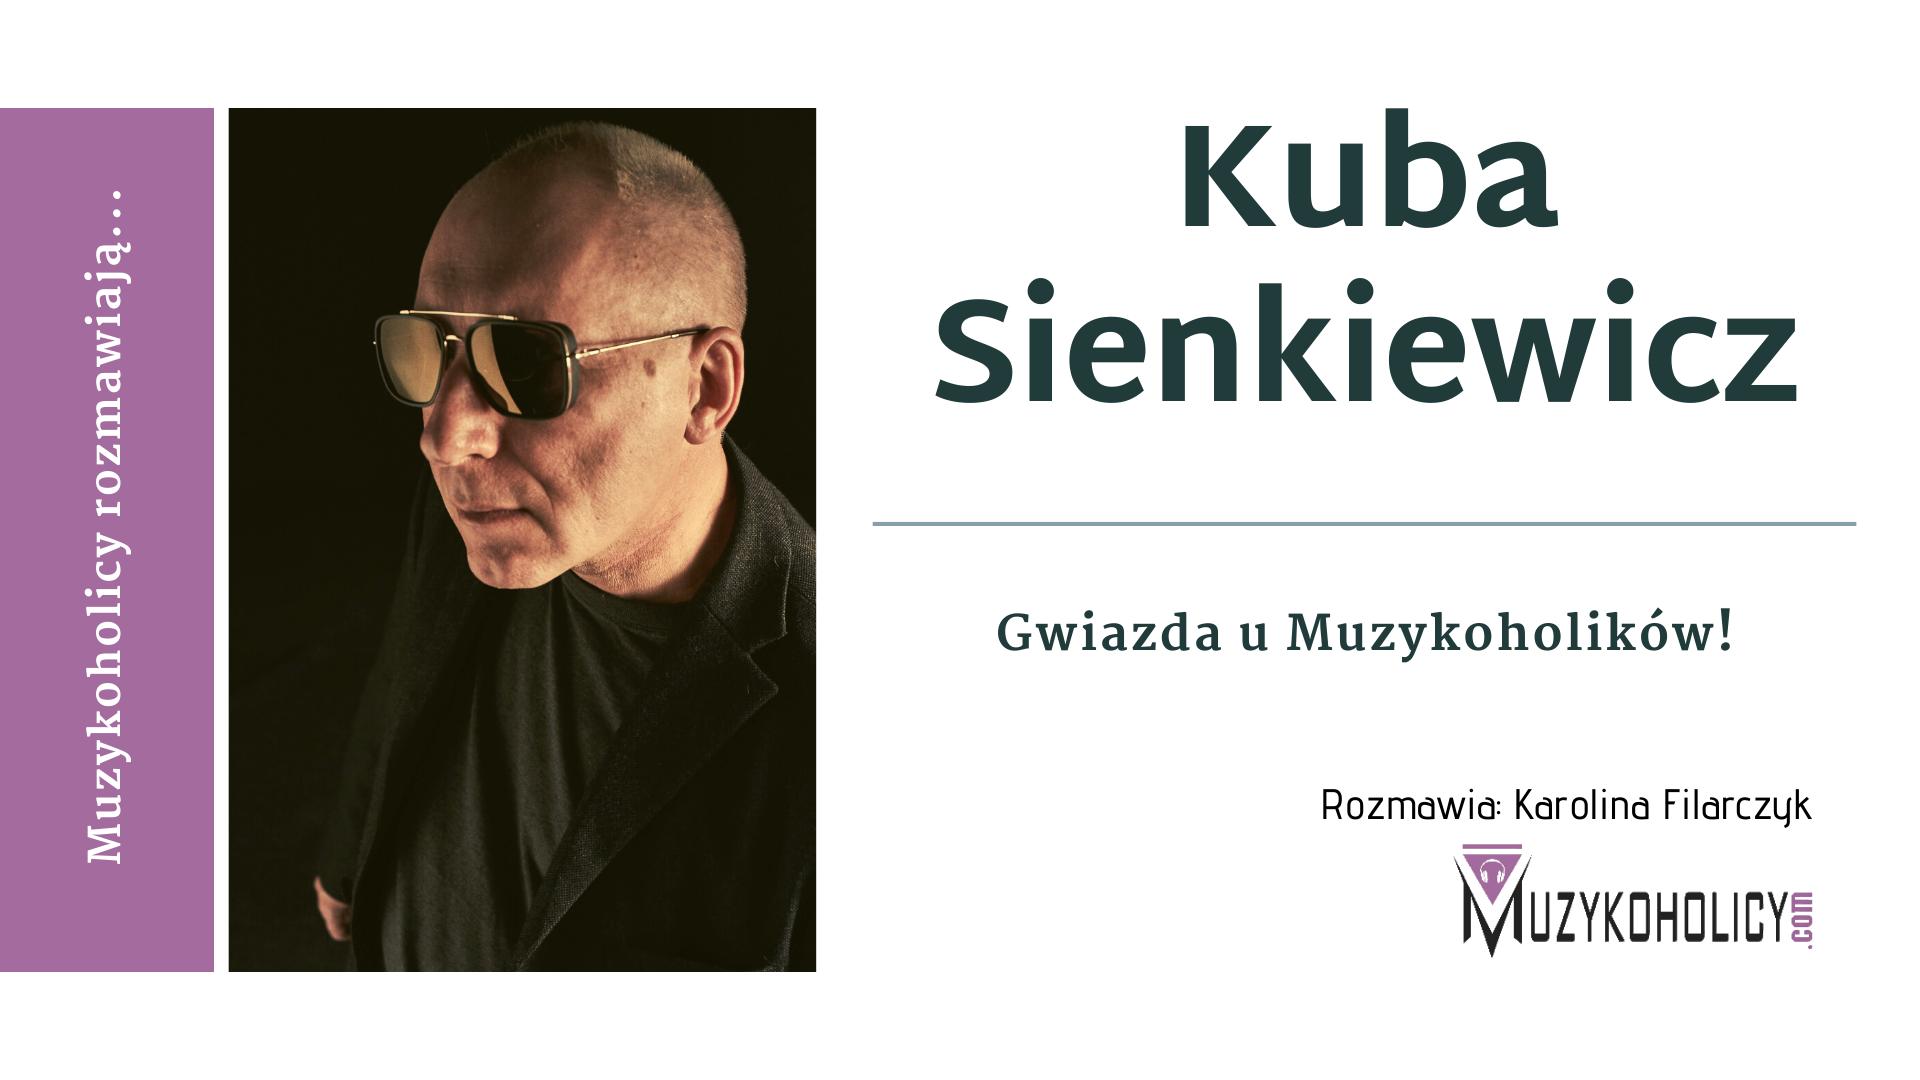 Gwiazda u Muzykoholików - Kuba Sienkiewicz